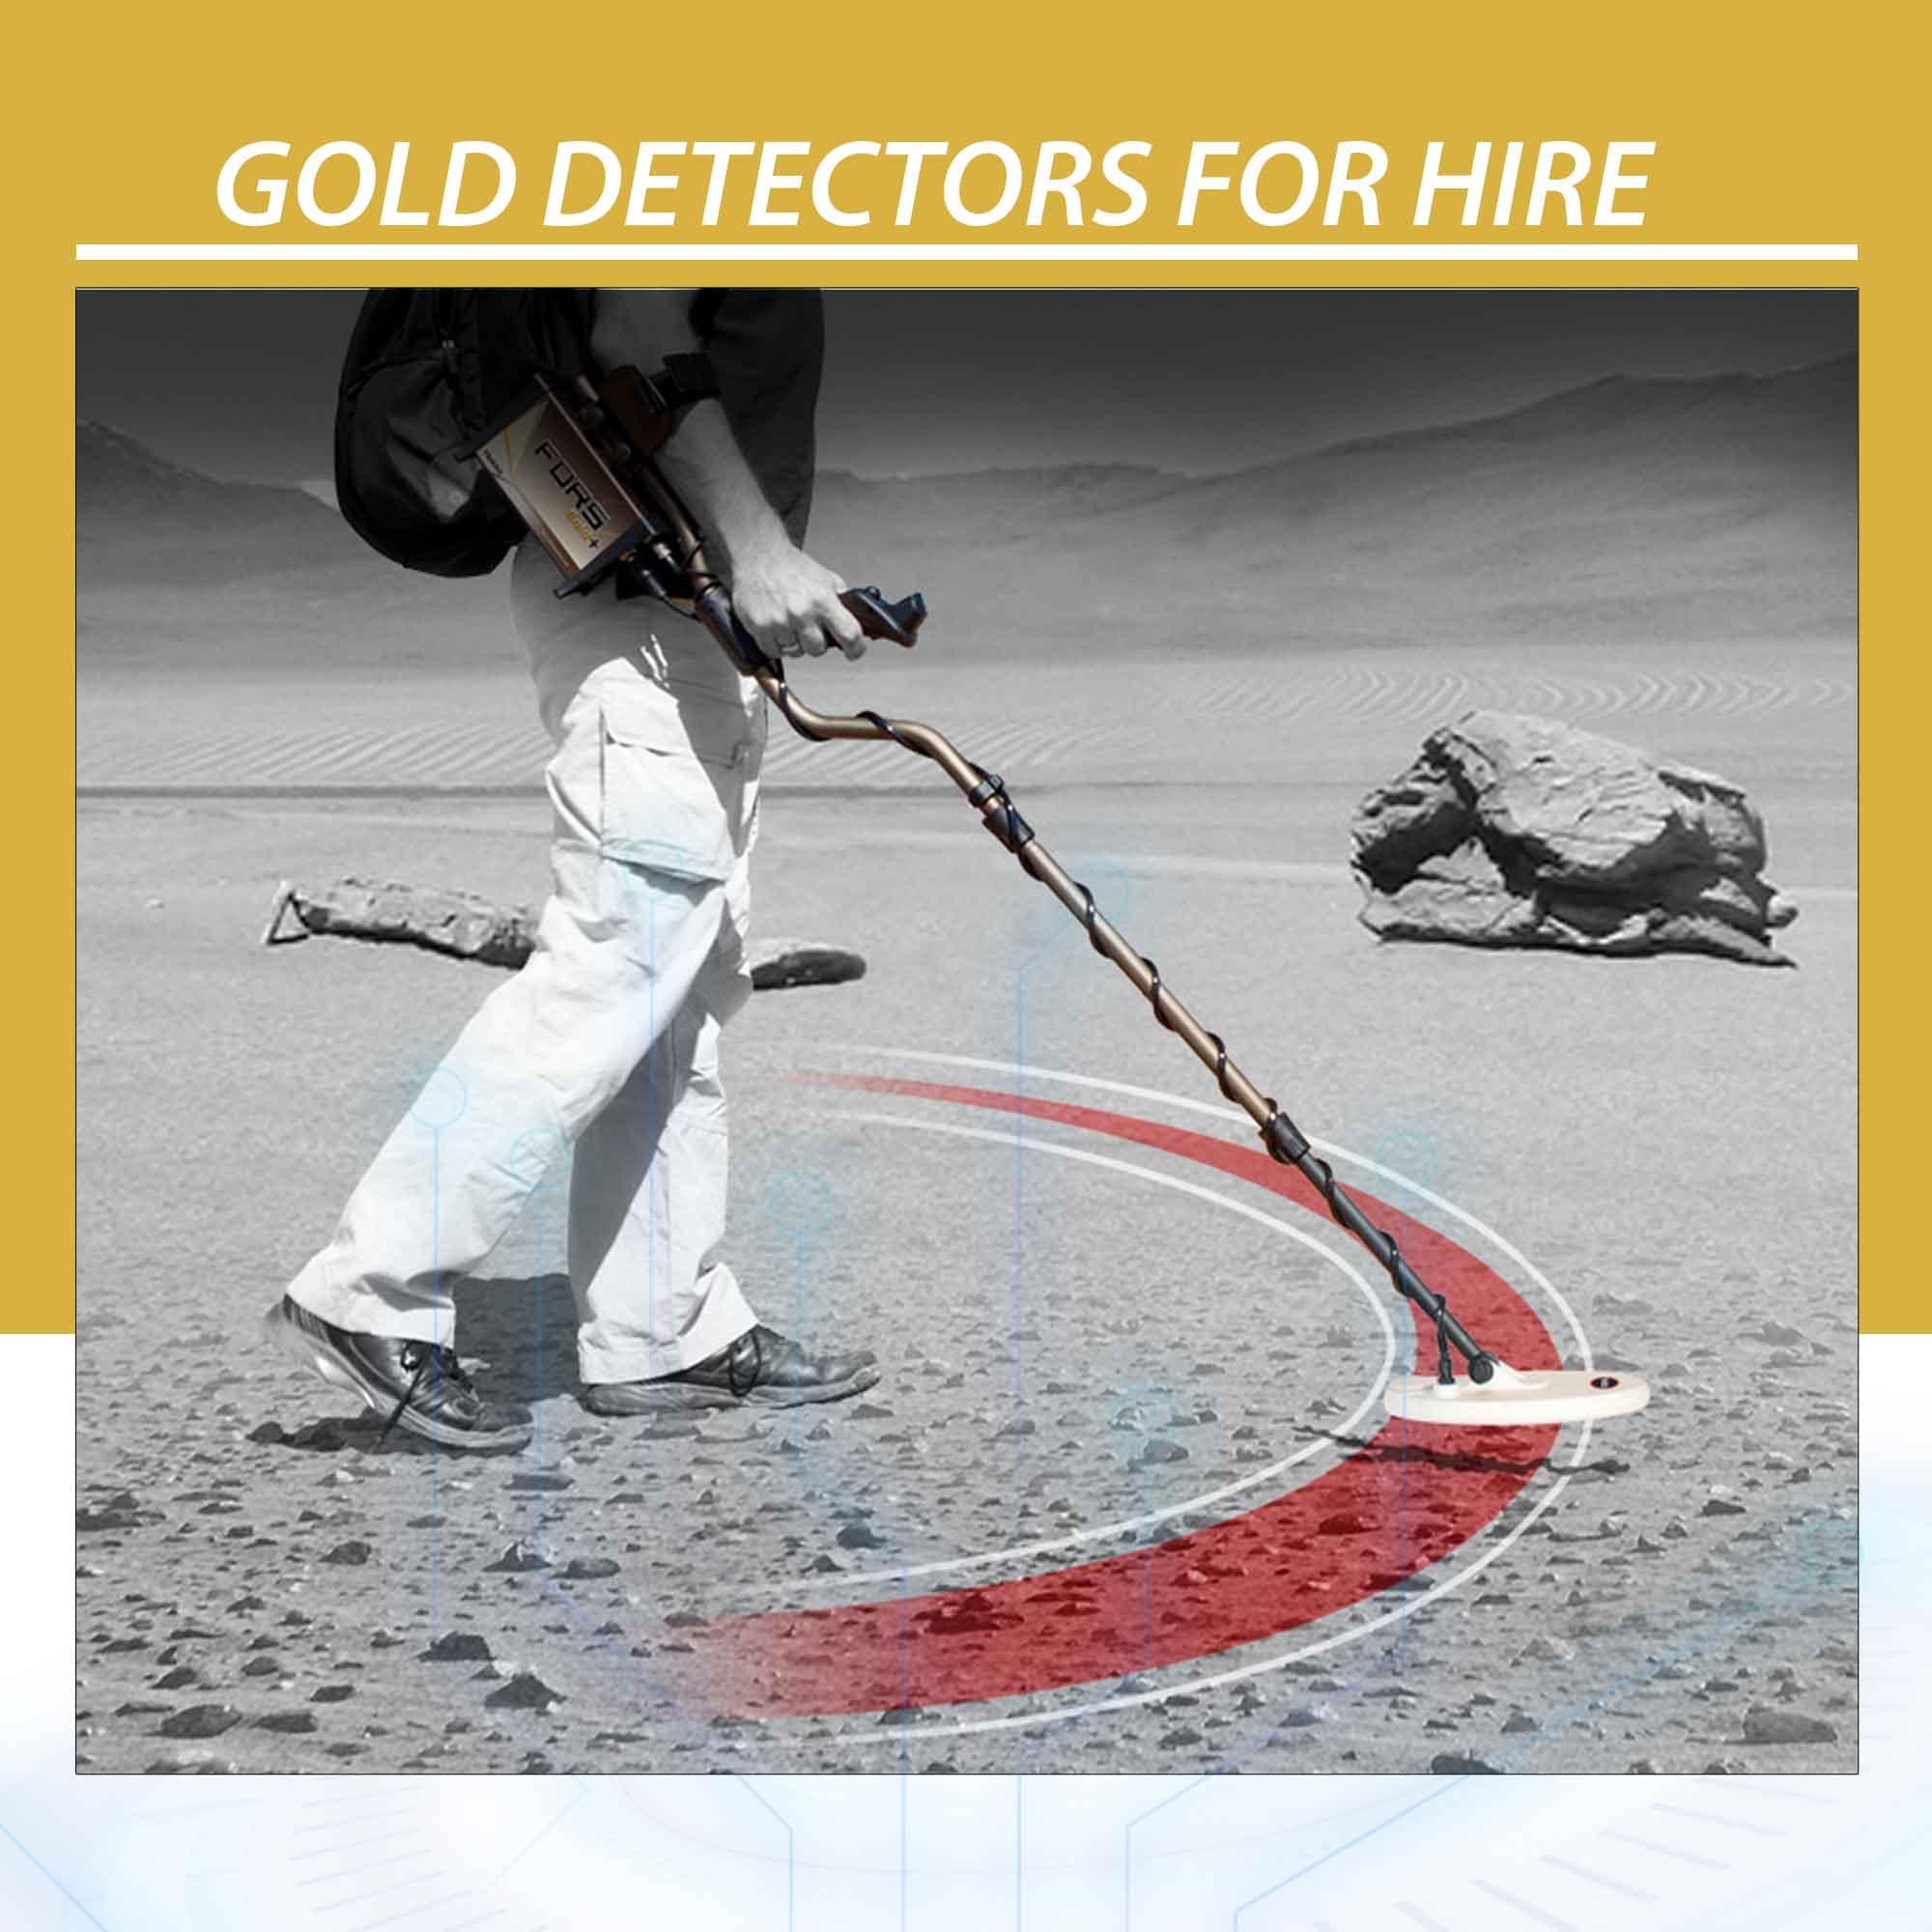 Gold Detectors for Hire